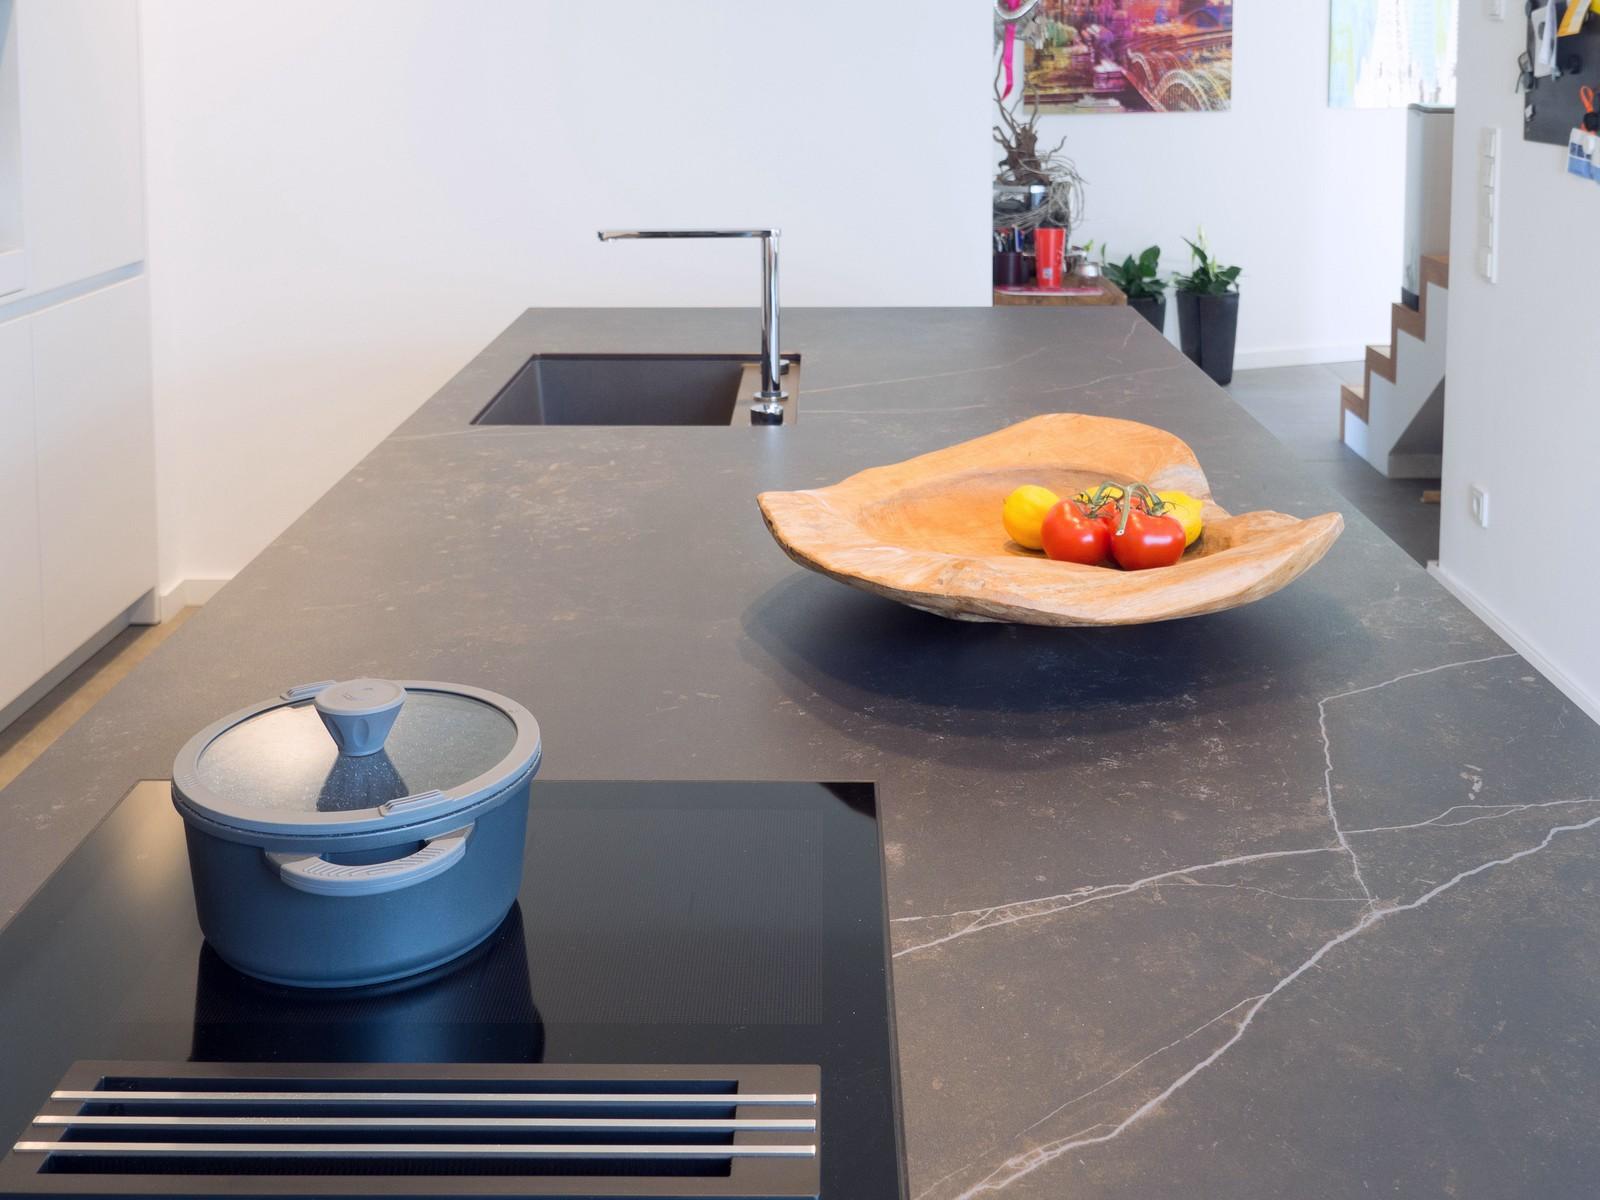 Leicht Kueche Grifflos Weiss Beton Fronten Arbeitsplatte Keramik Miele Elektro Kochmuldenluefter 5